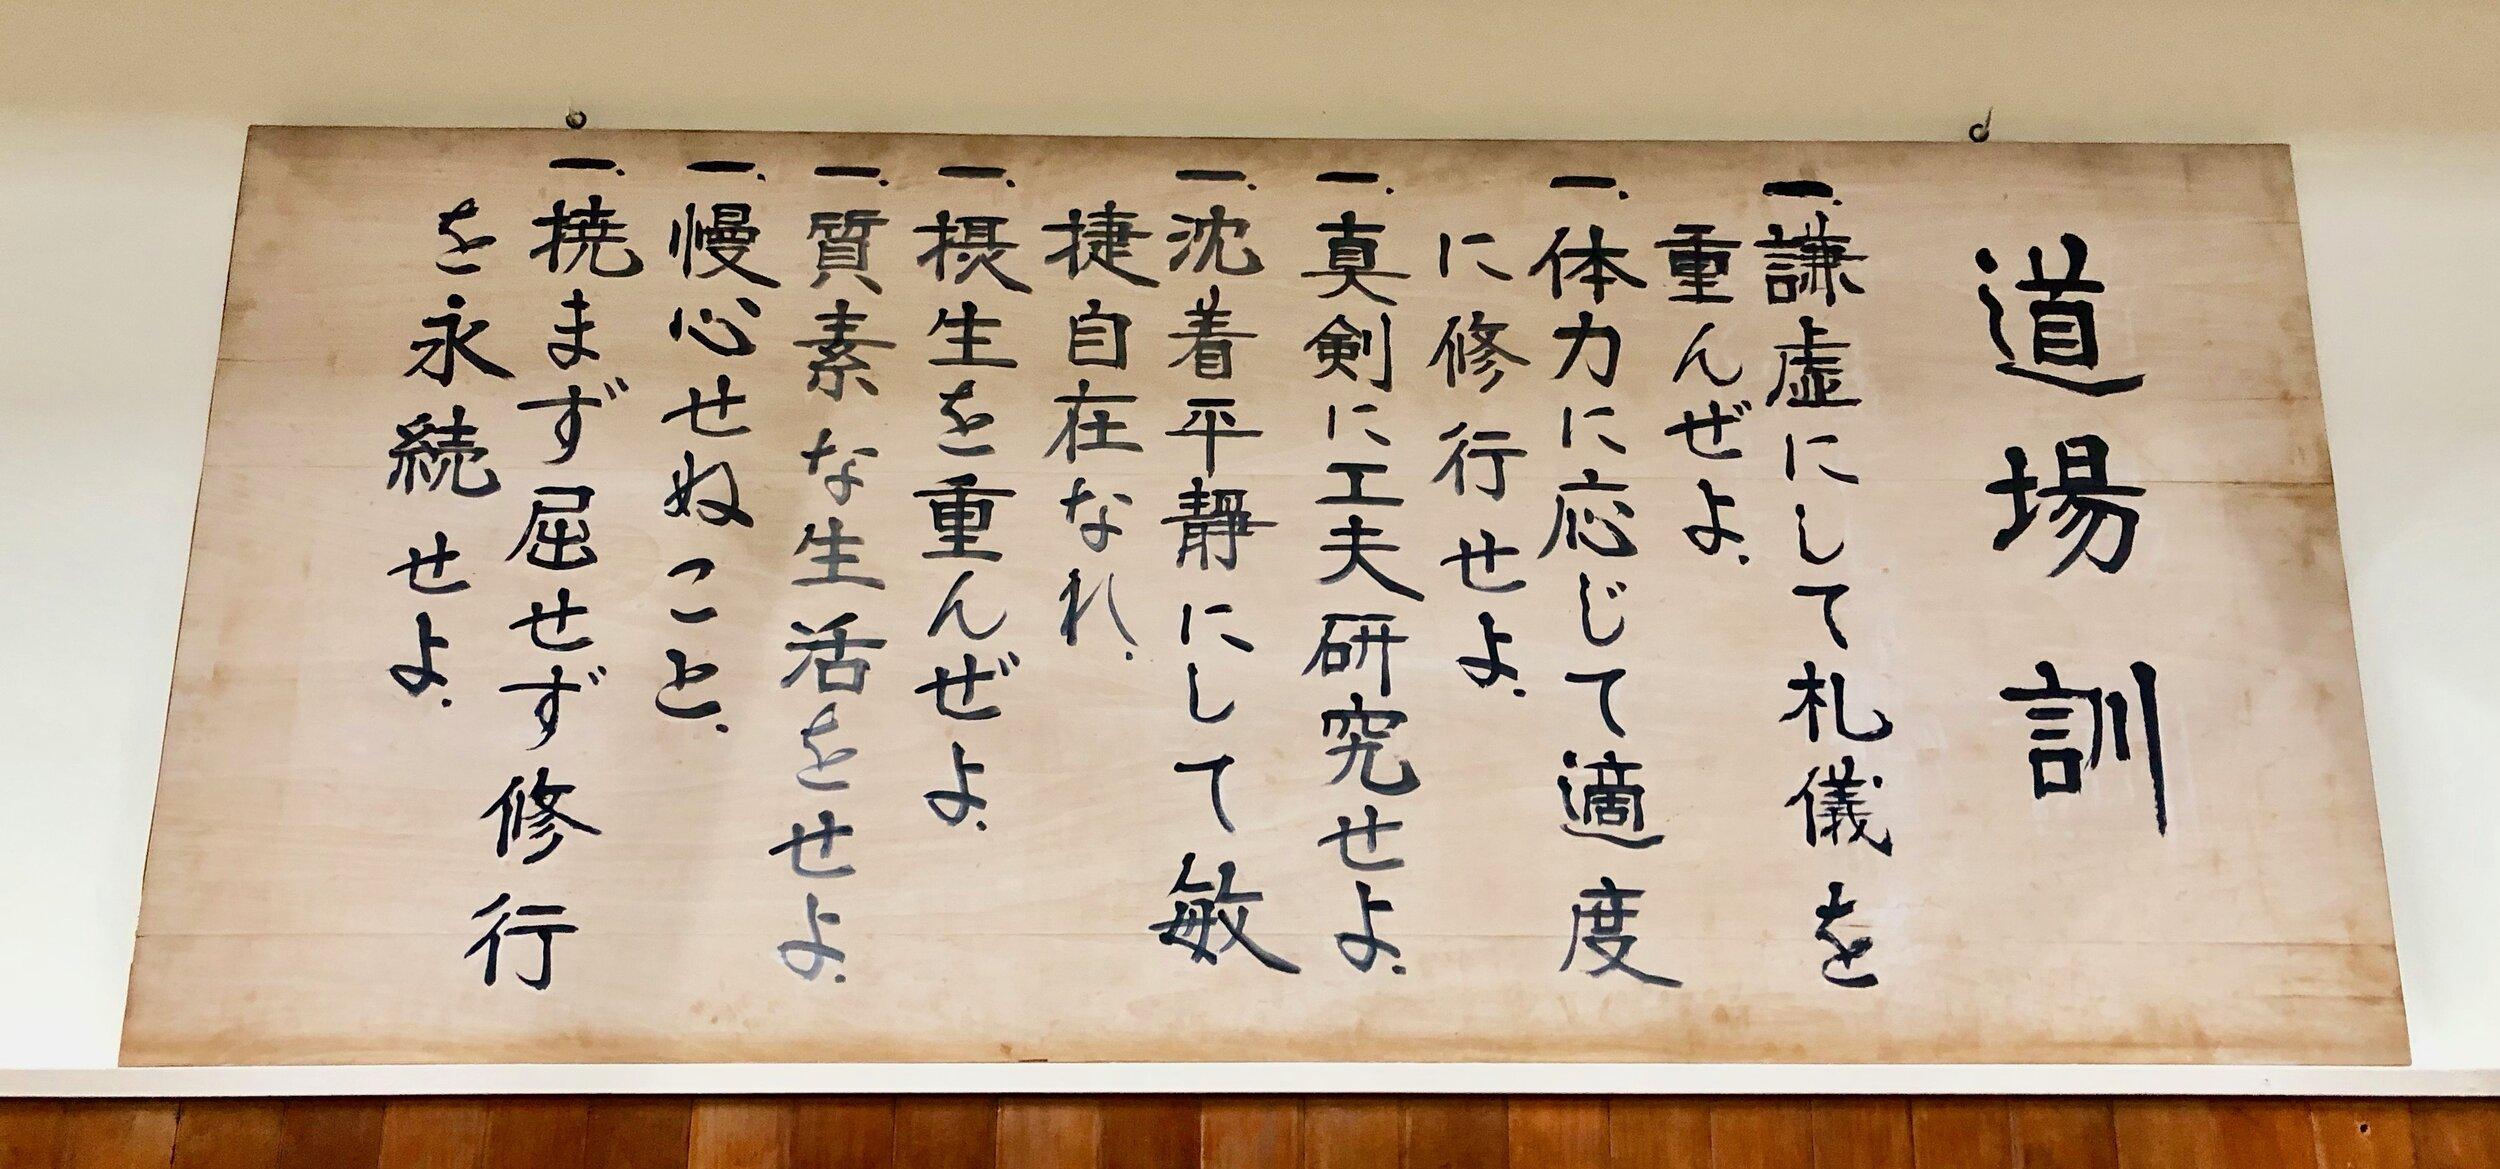 The Jundokan Dojo Kun in Japanese